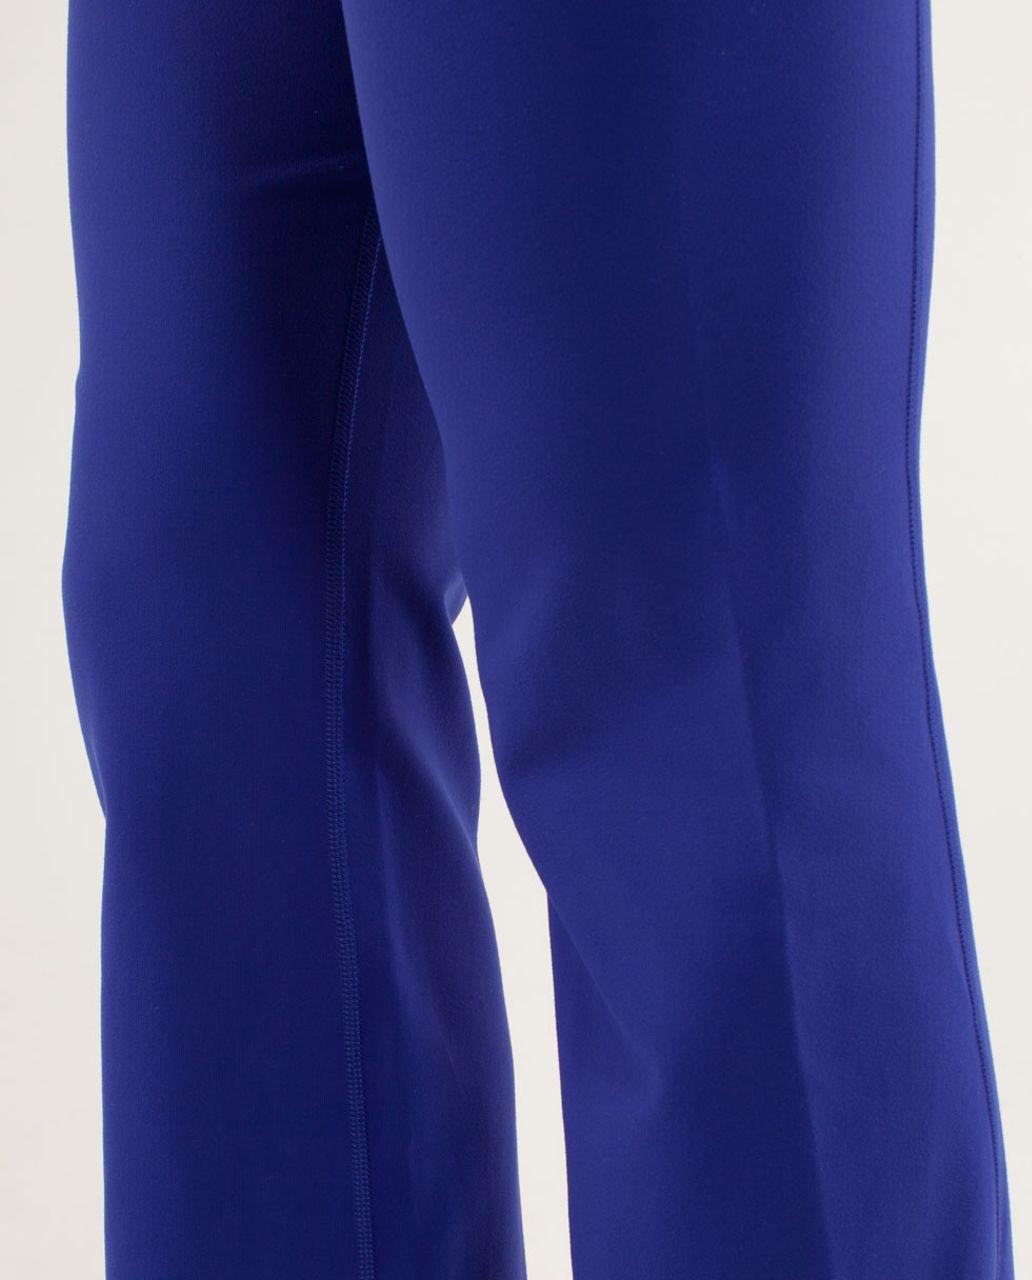 Lululemon Groove Pant (Regular) - Pigment Blue /  Heathered Pigment Blue